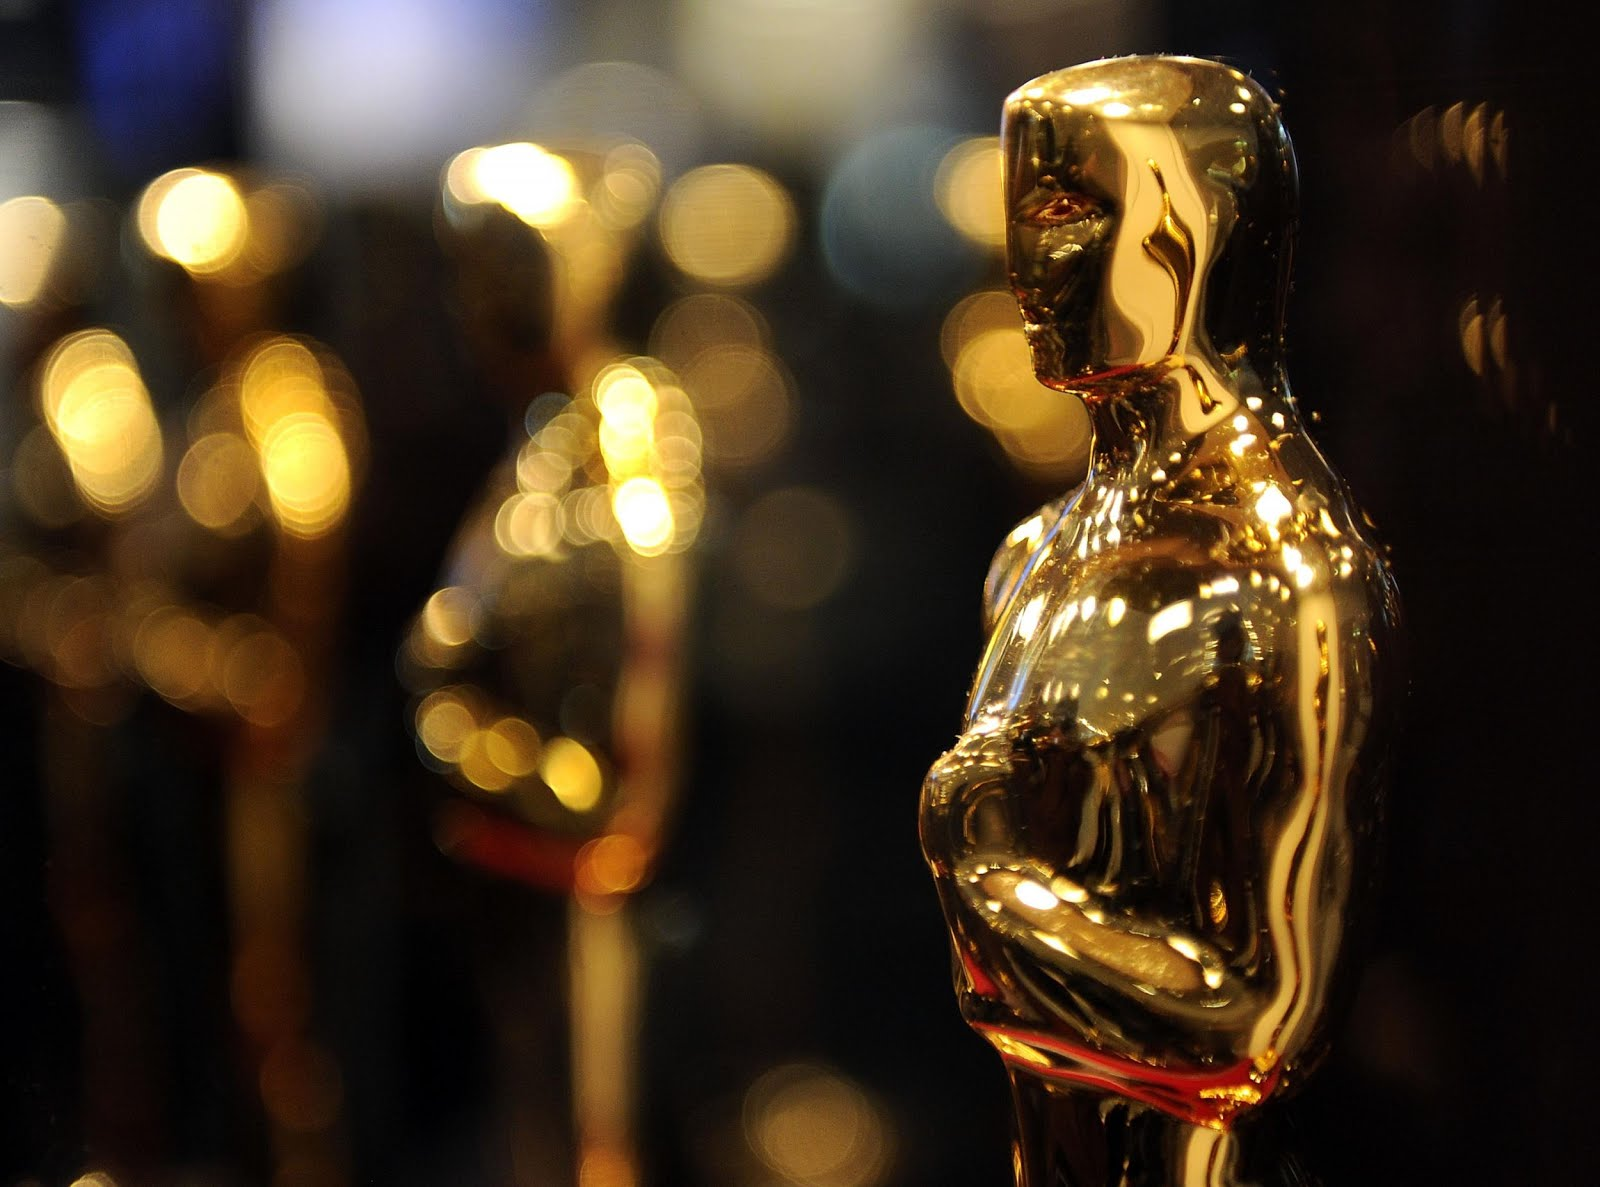 Oscary (nie) dla każdego - O nominacjach do Oscarów 2019